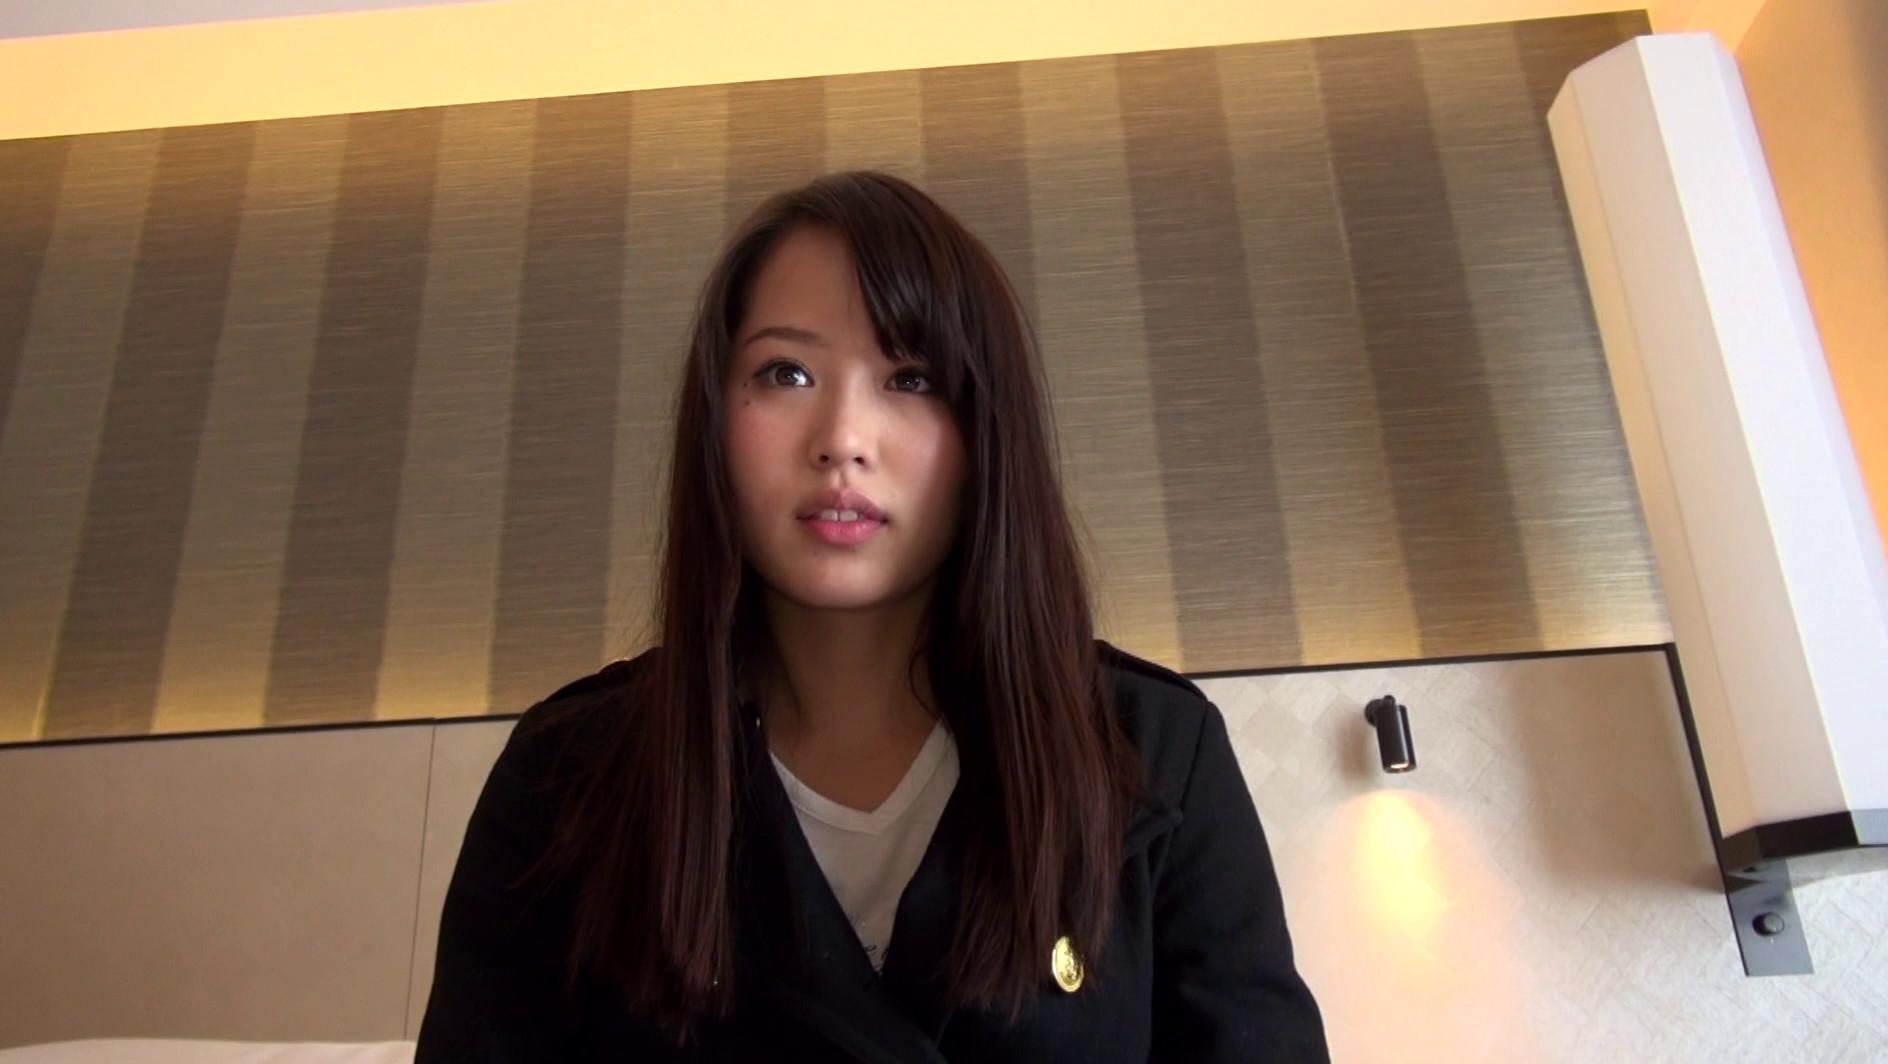 【独占放送】かわいい素○娘をナンパしてハメる! みほ/ゆあ2